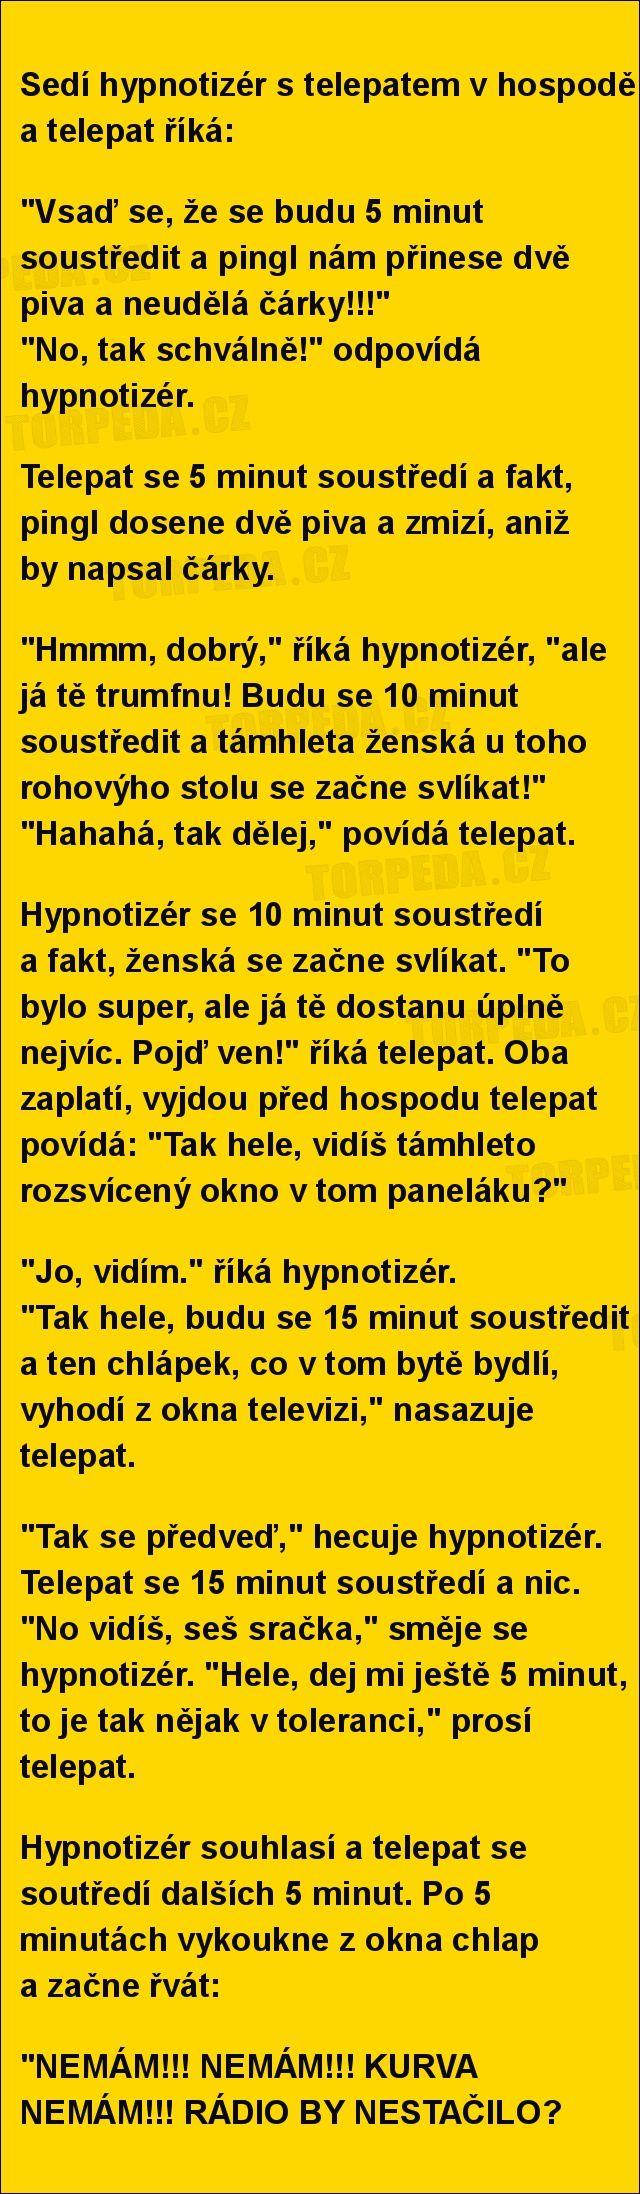 Sedí hypnotizér s telepatem v hospodě a telepat říká... | torpeda.cz - vtipné obrázky, vtipy a videa